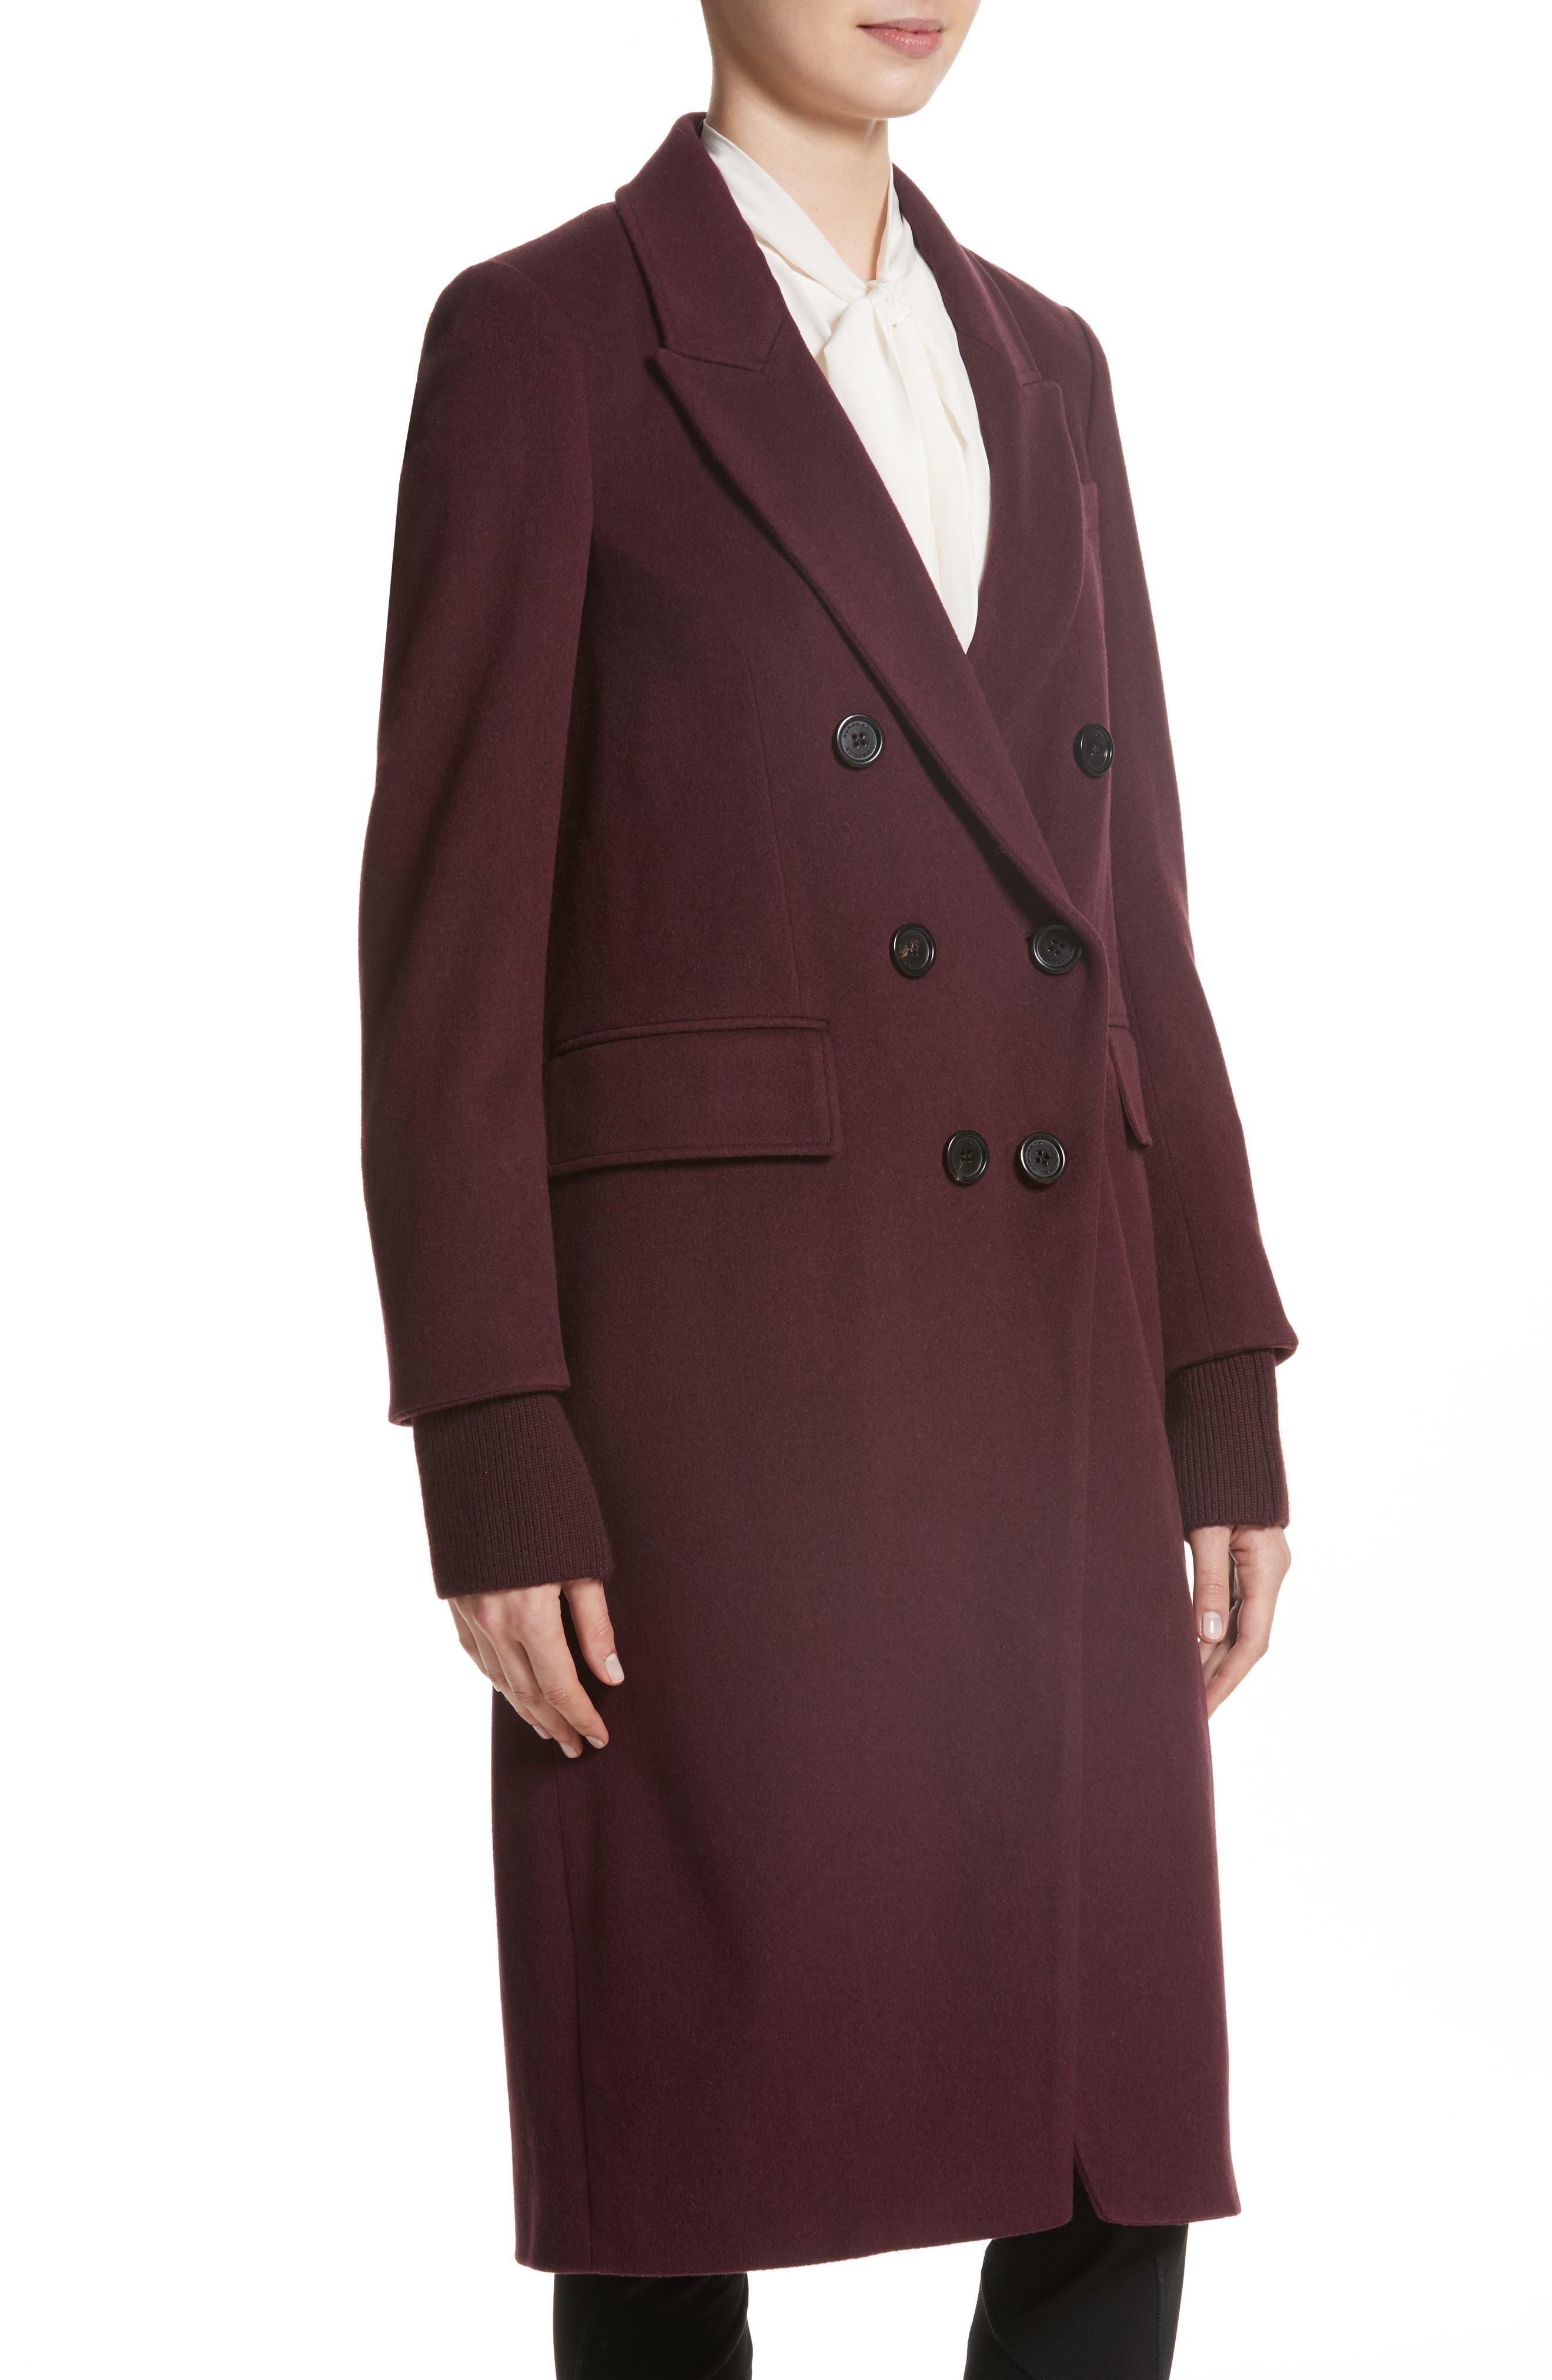 Cairndale Knit Trim Cashmere Coat,                             Alternate thumbnail 6, color,                             Black Currant